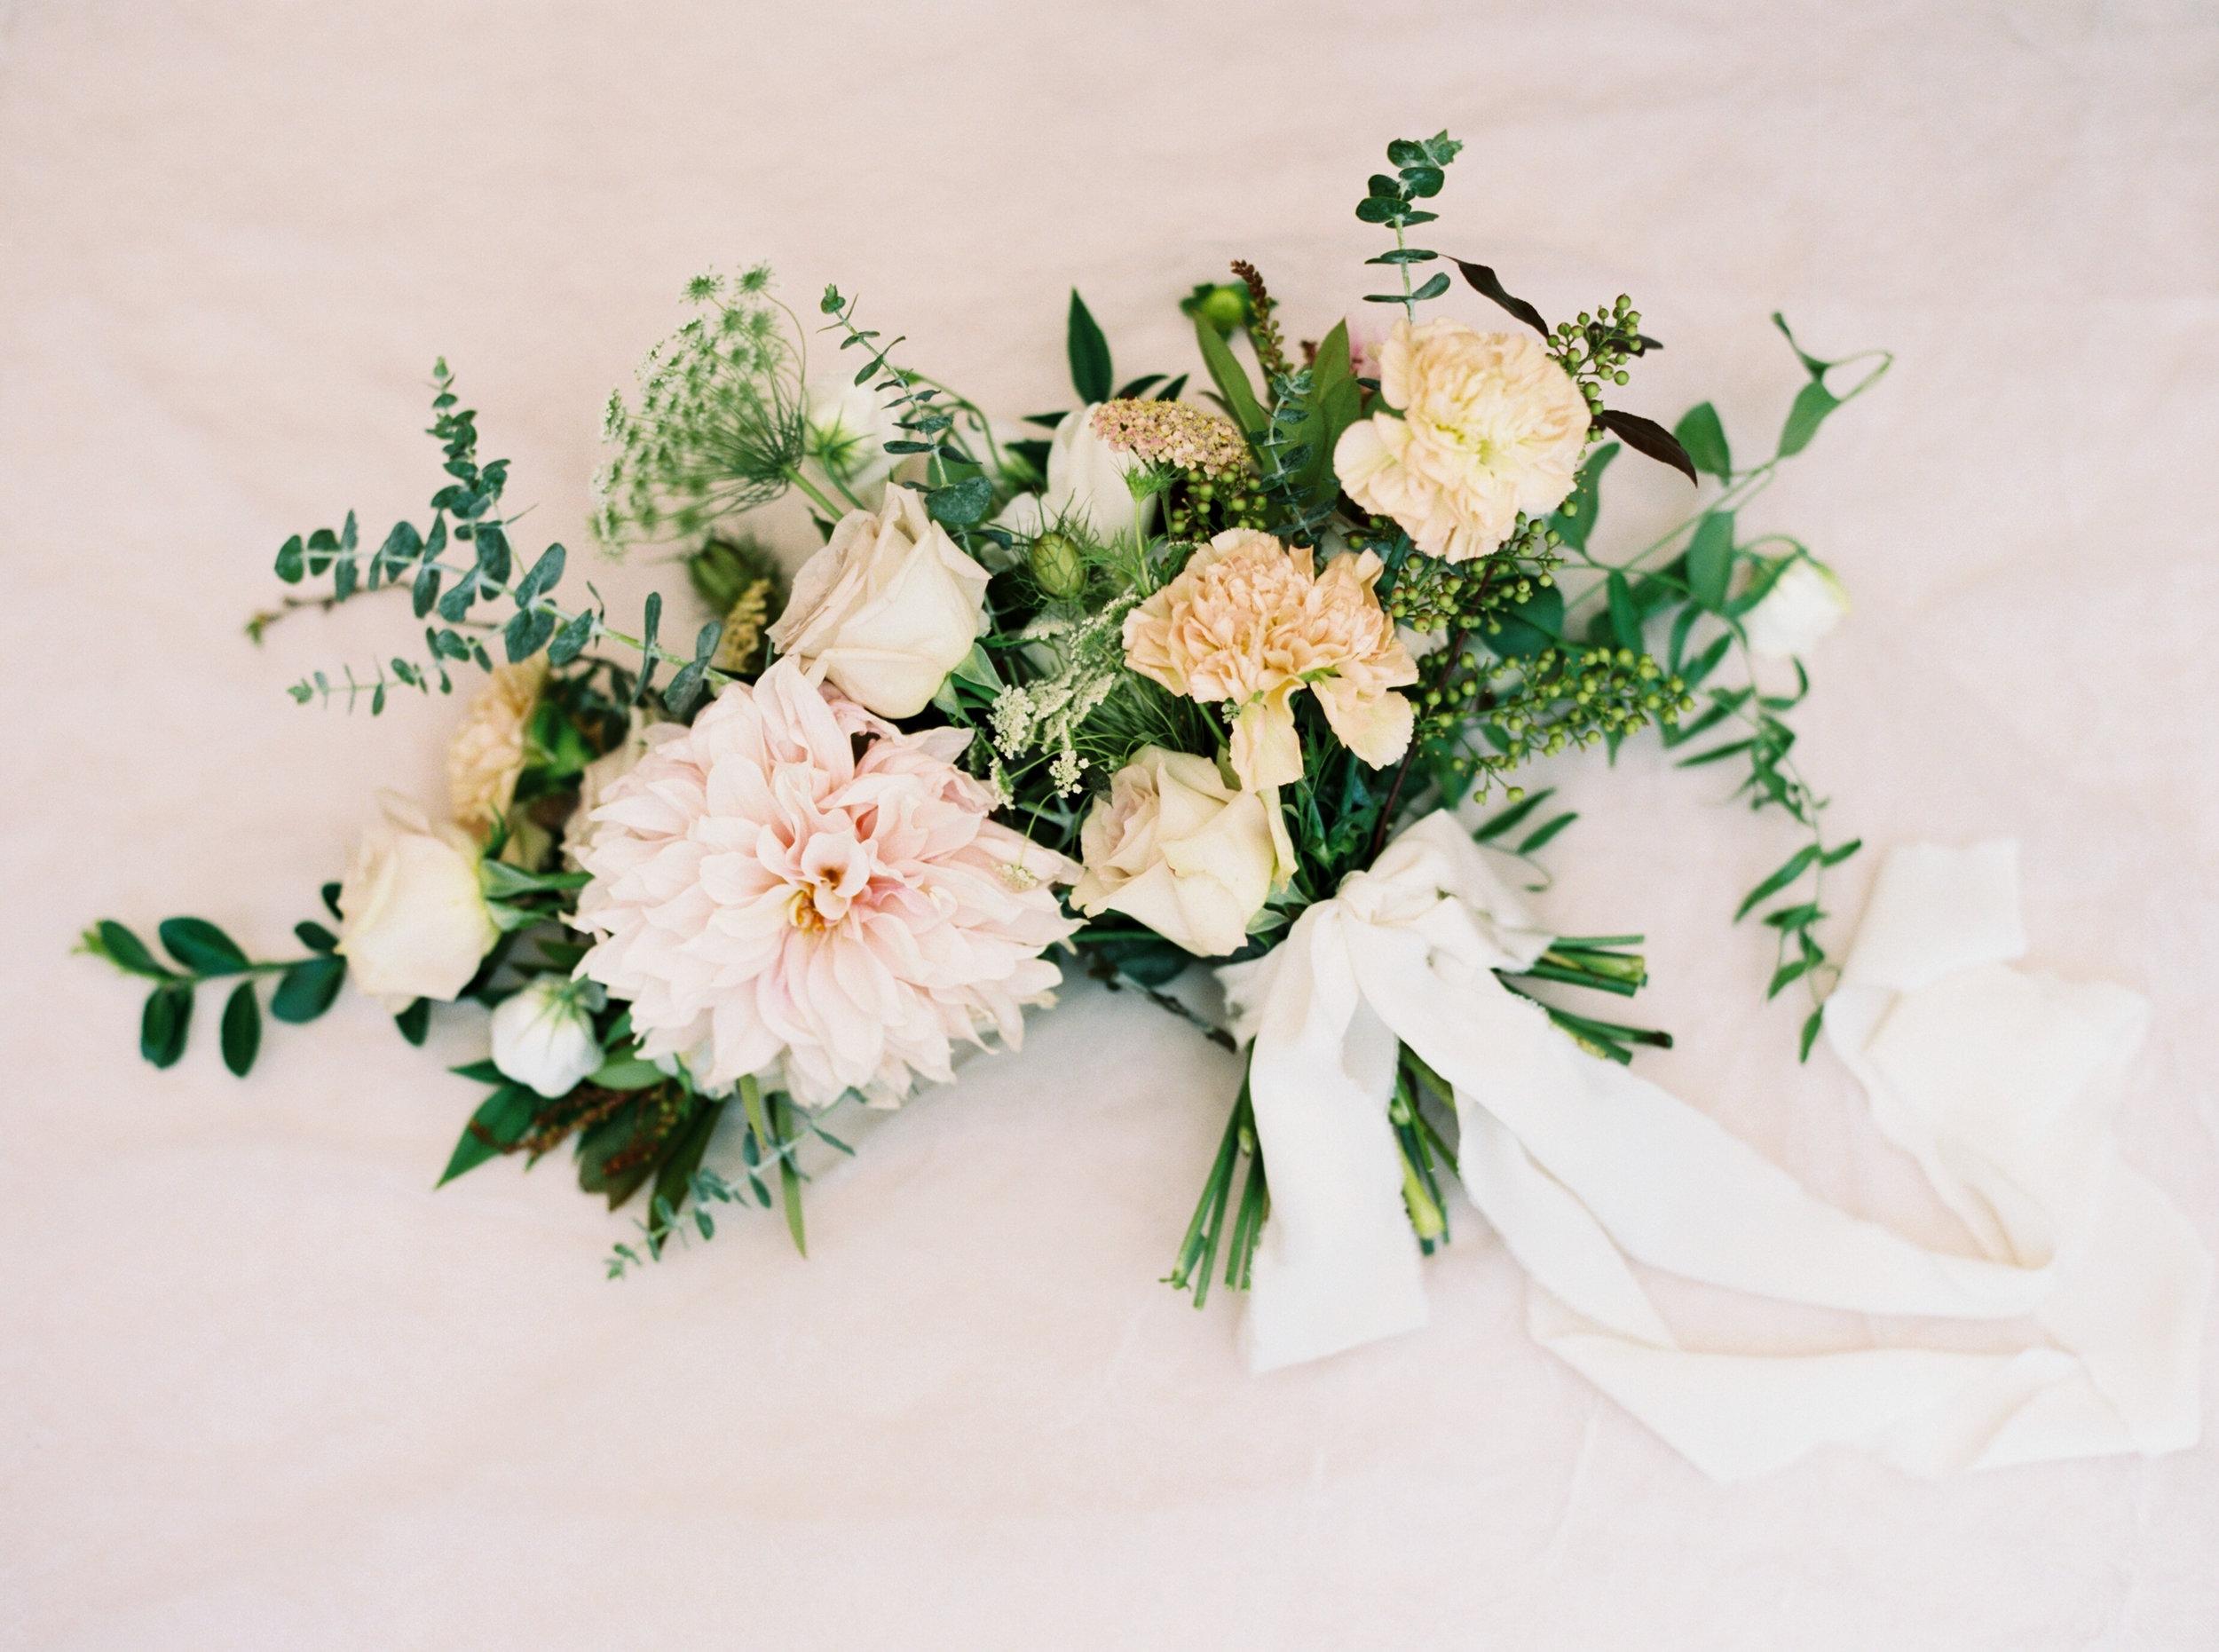 Wahoo_Grill_Atlanta_Indian_Wedding_Abigail_Malone_Photgoraphy_FIlm-158.jpg